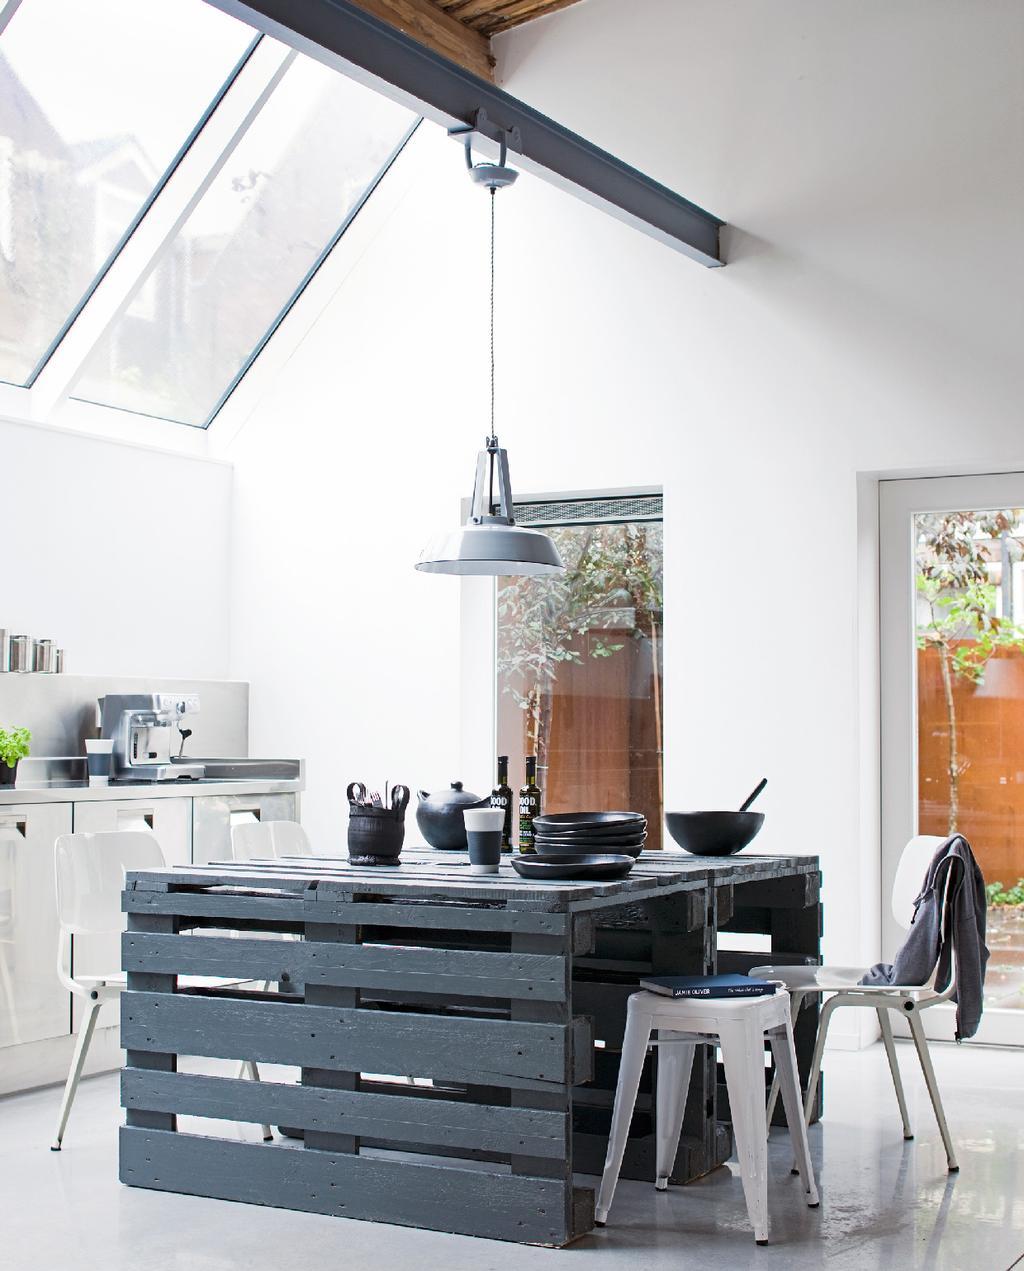 vtwonen pallettafel zwart keuken